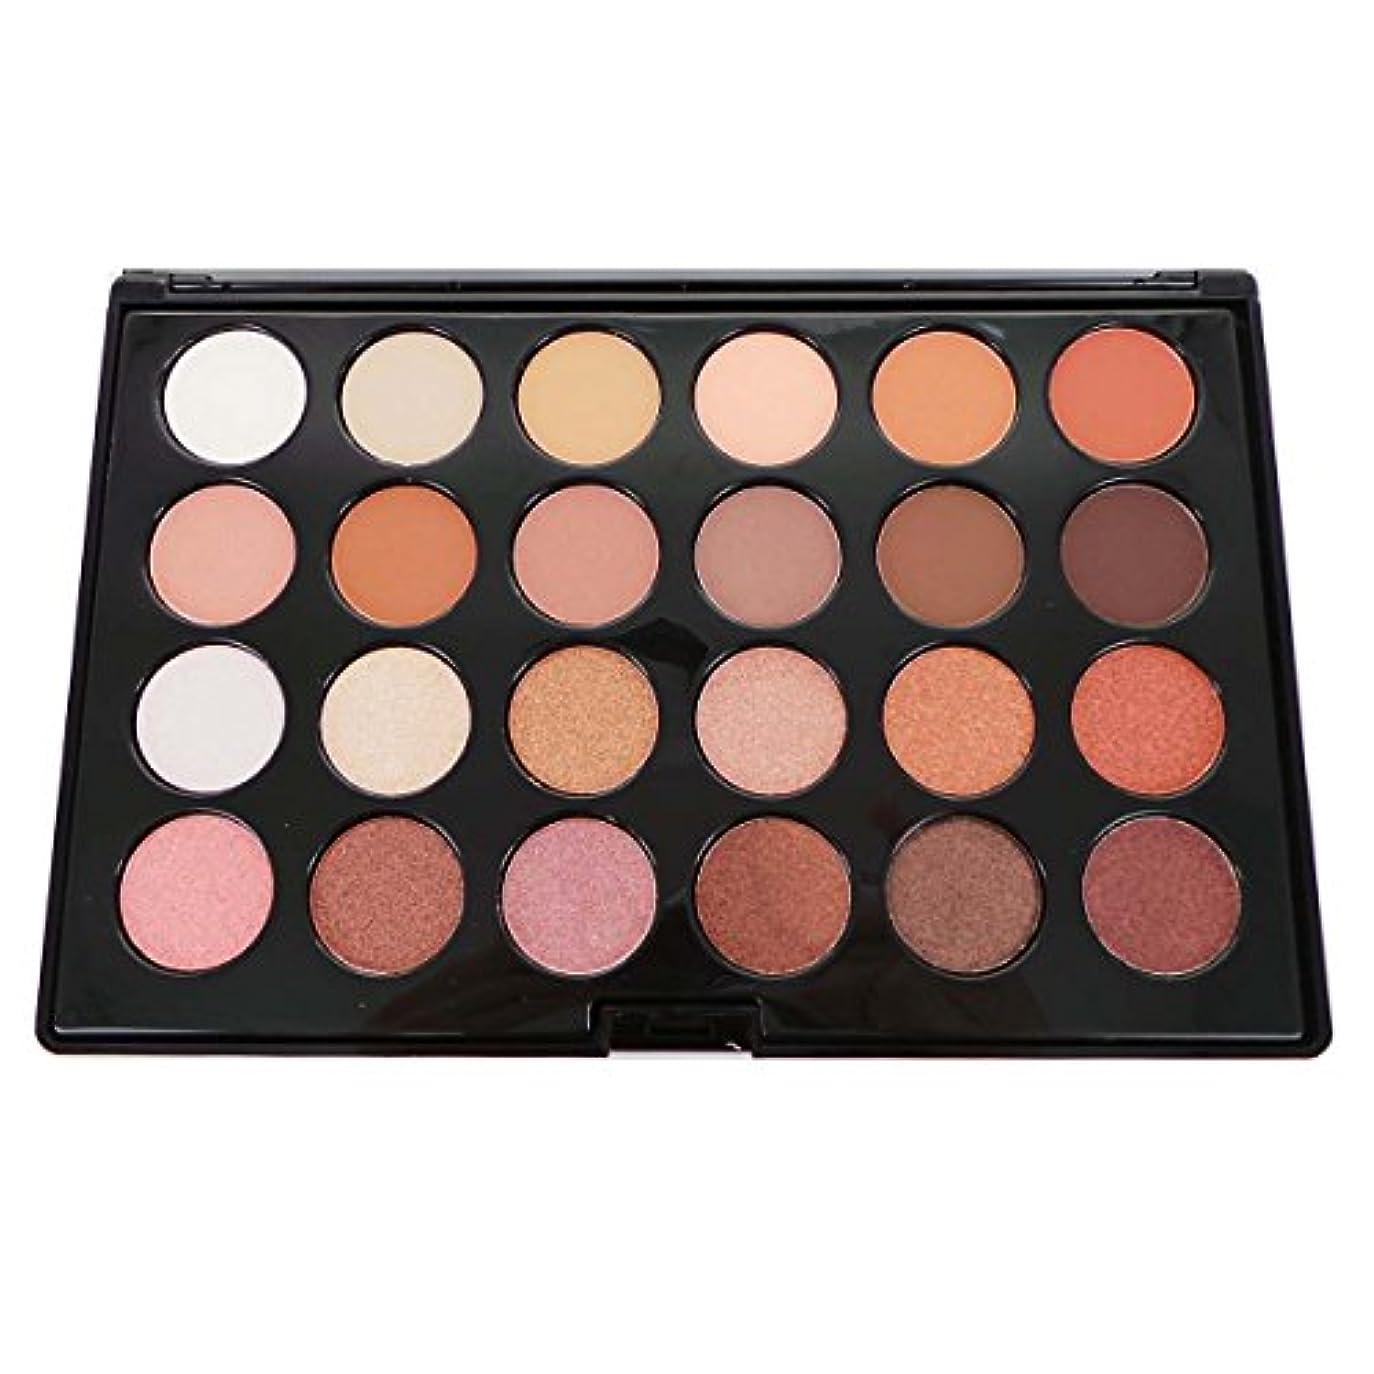 残高入場あらゆる種類のCITY COLOR Matte & Shimmer 24 Shade Shadow Palette - Daily Essentials (並行輸入品)